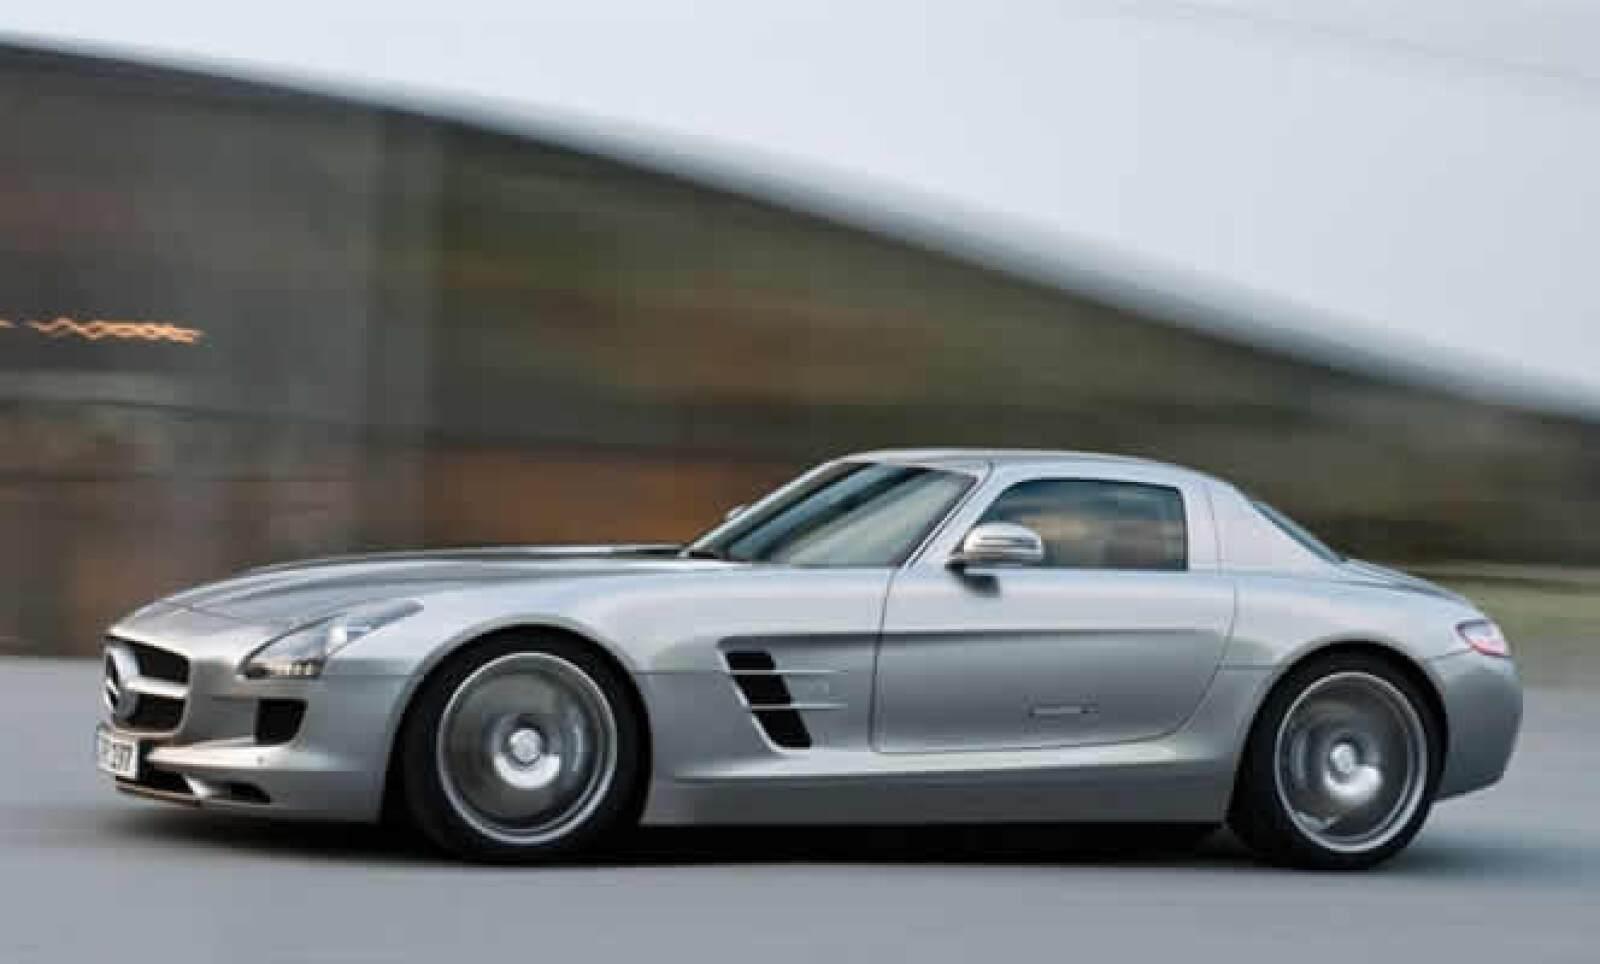 Por primera vez, los alemanes y AMG presentan en el Mercedes-Benz SLS AMG el chasis y la carrocería de aluminio, esto lleva a un ahorro de peso considerable con respecto al acero tradicional utilizado en otros vehículos.